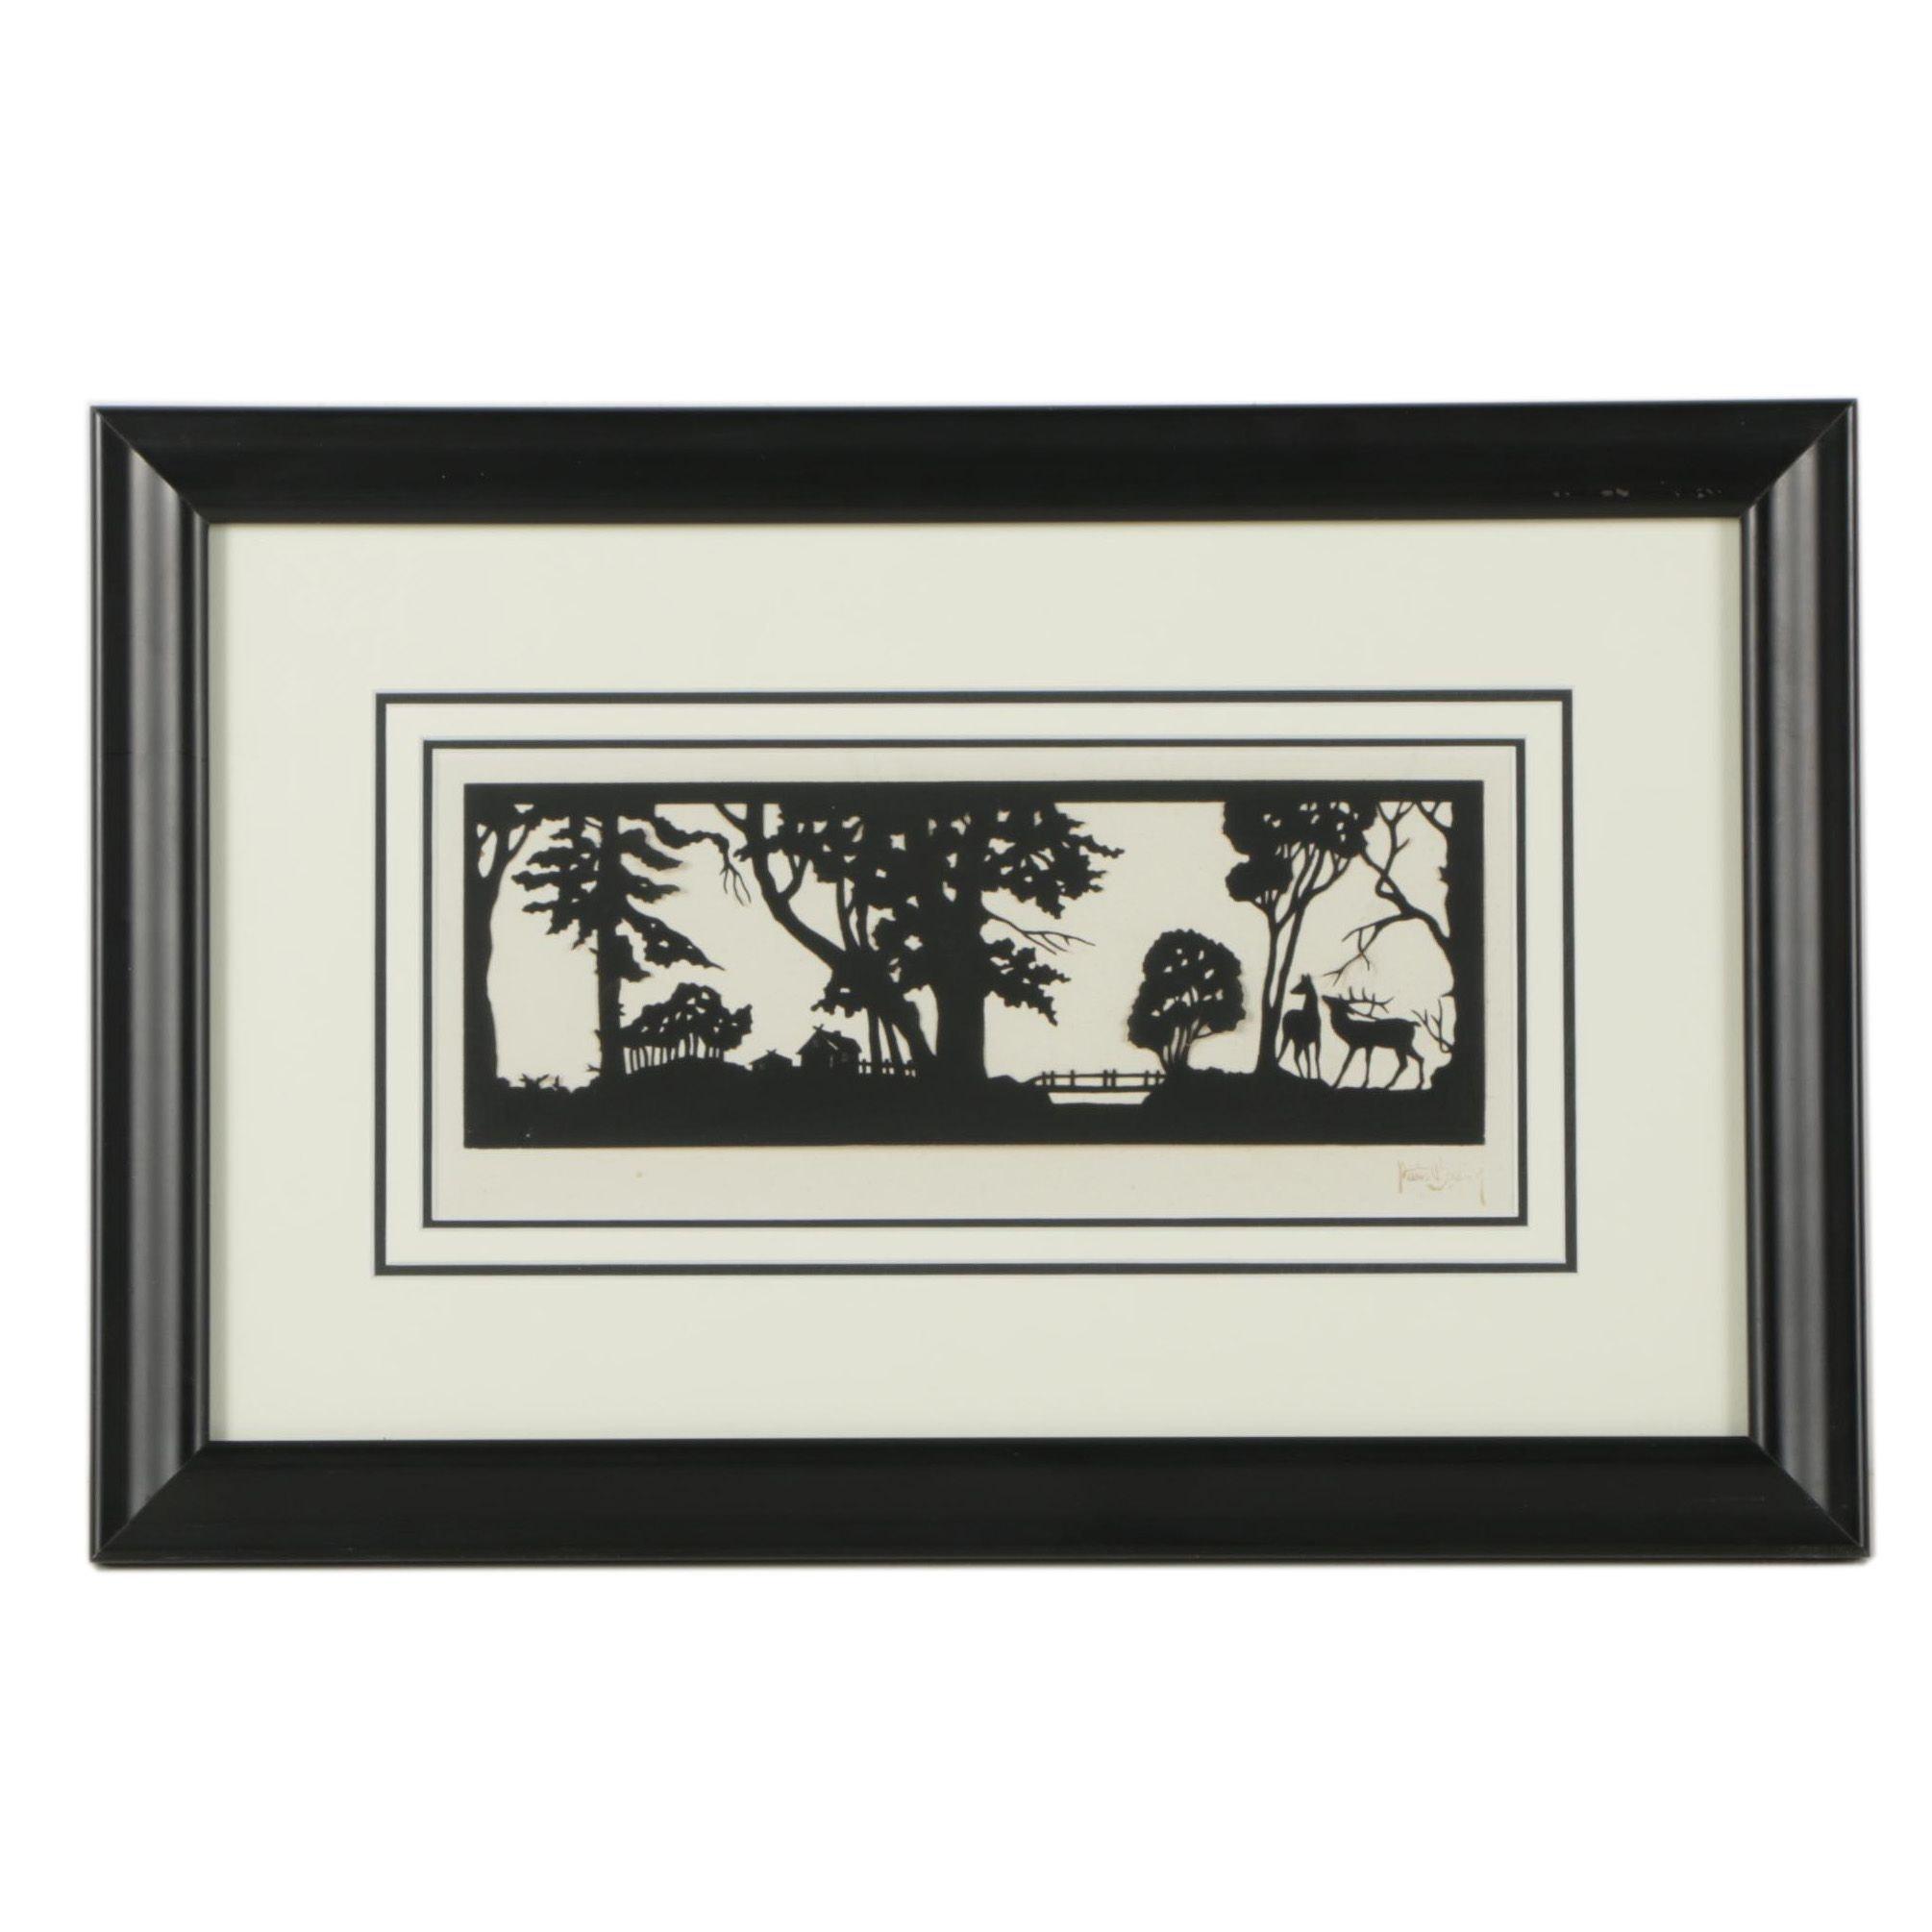 Scherenschnitte Cut Paper Art of Landscape Scene with Deer